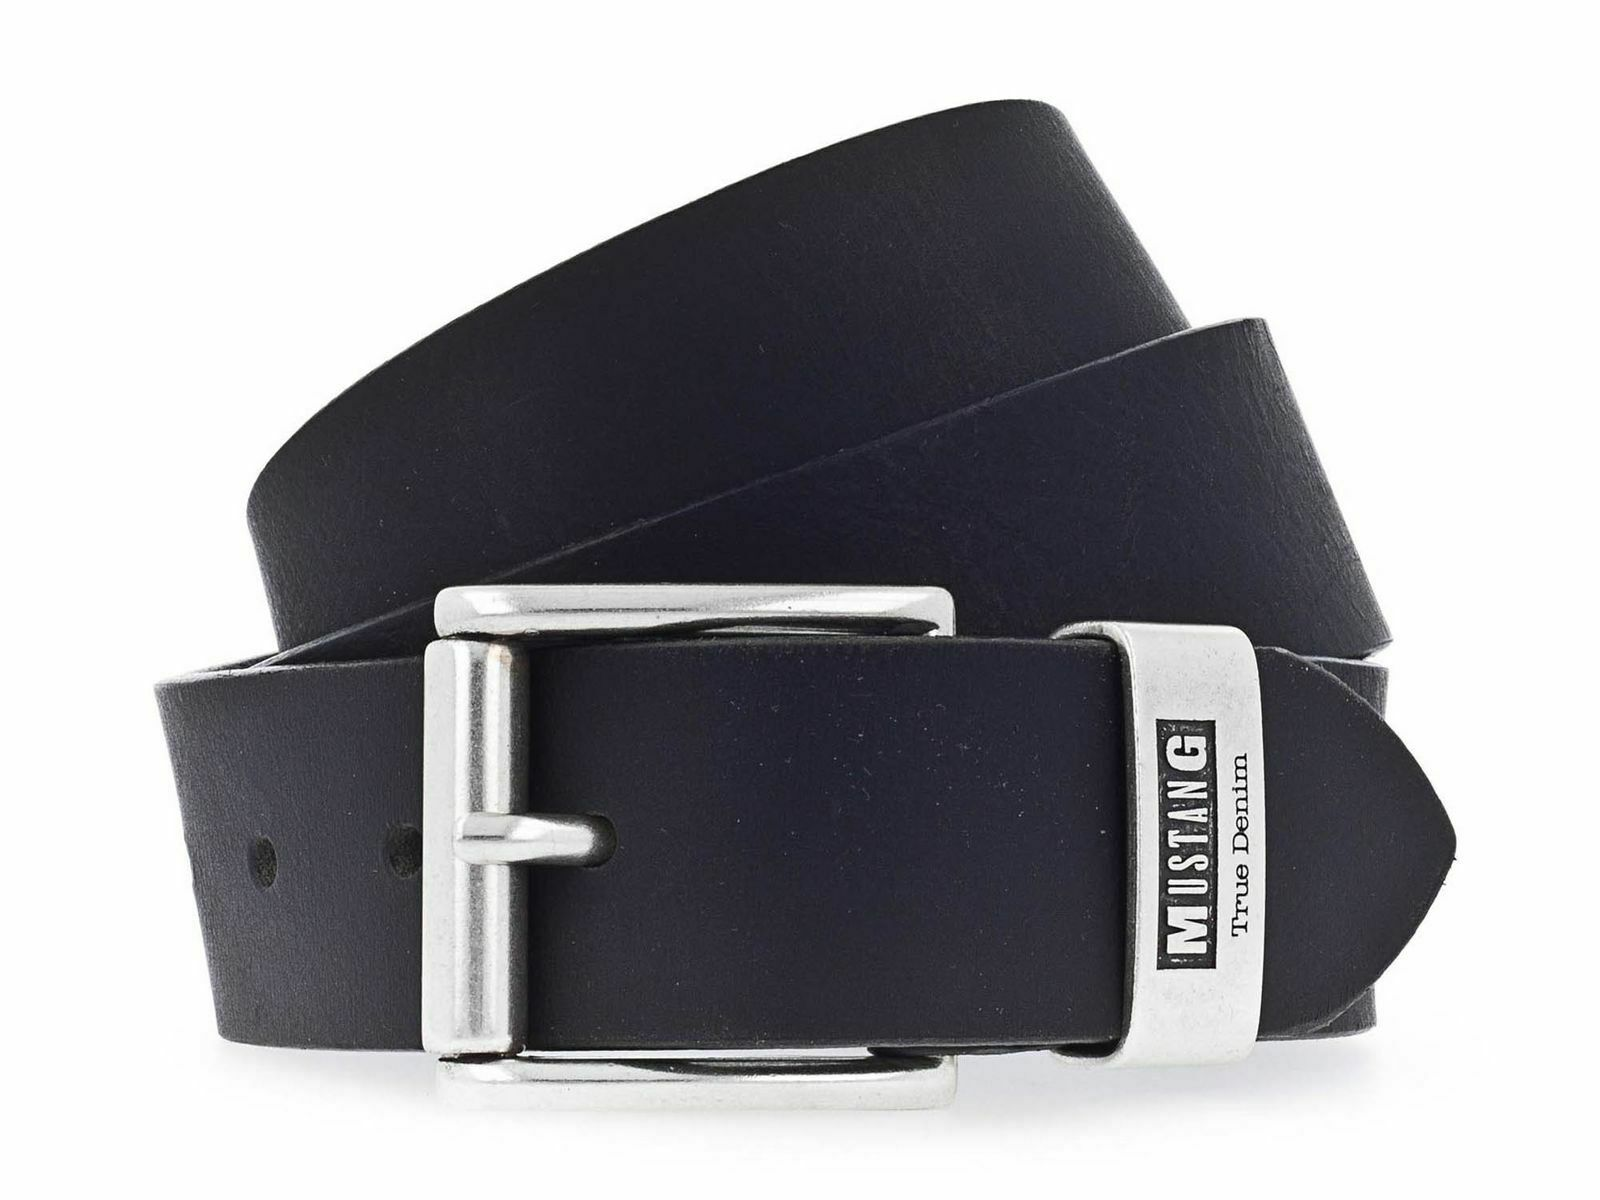 MUSTANG Belt 4.0 W115 Gürtel Accessoire Black Schwarz Neu